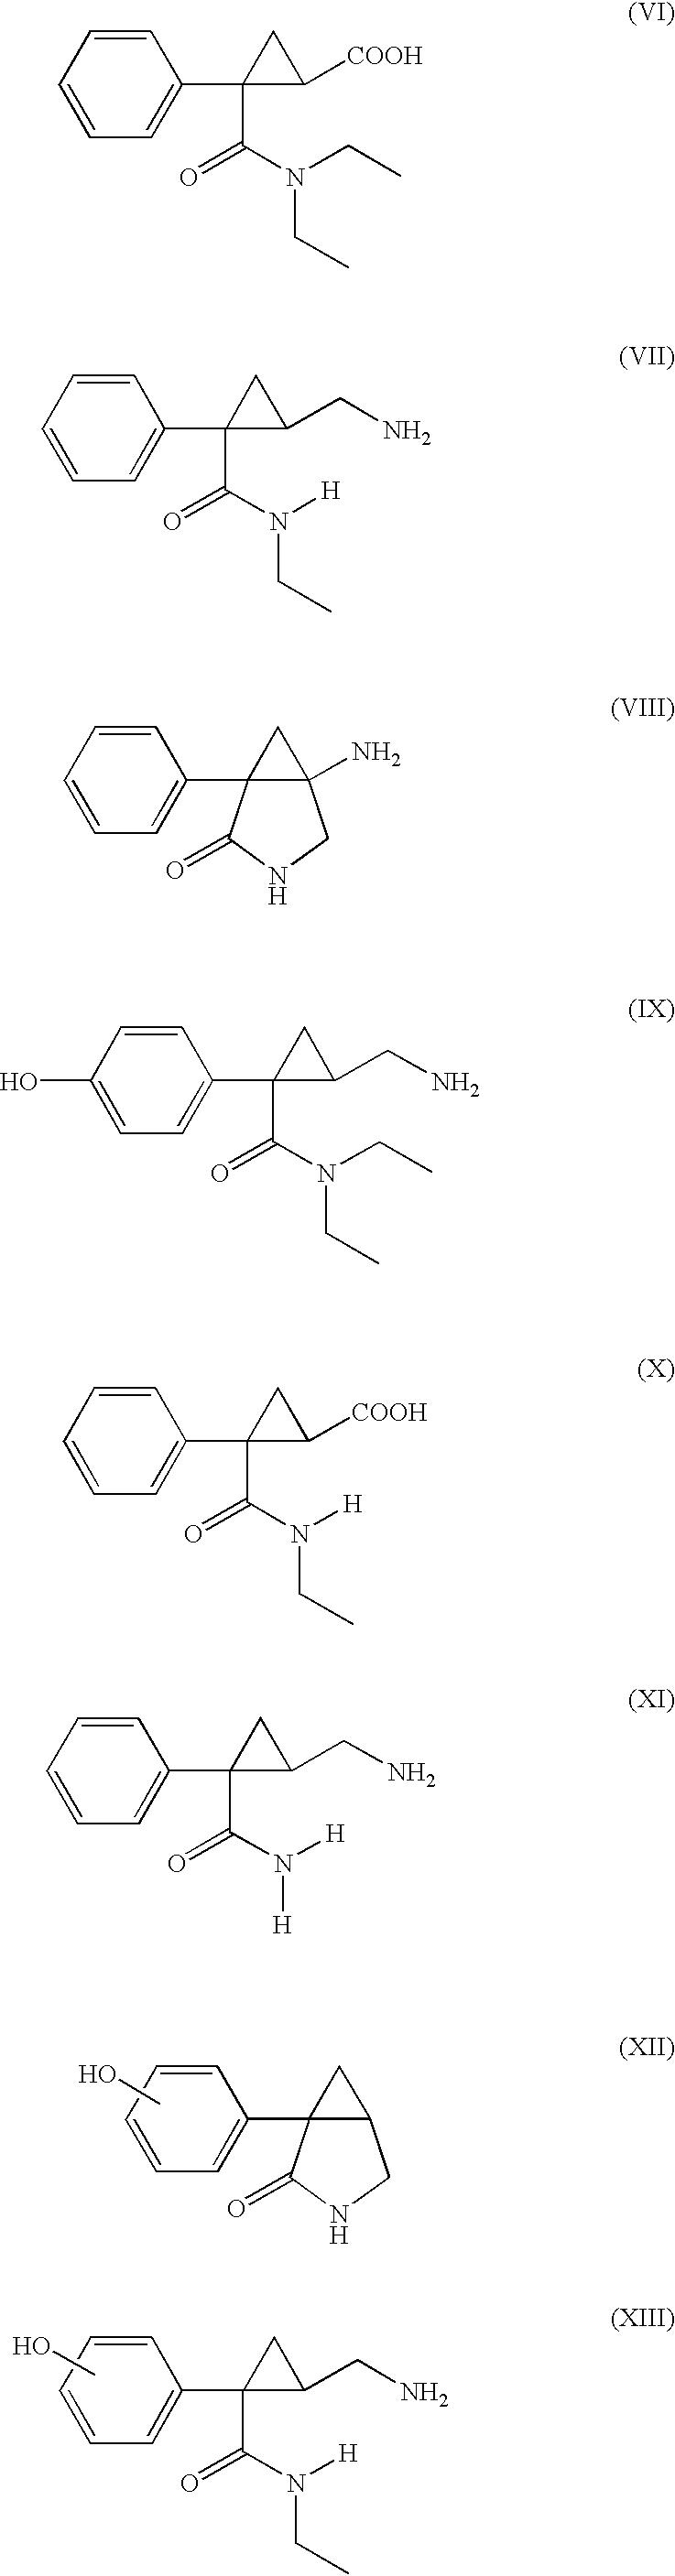 Figure US20030203055A1-20031030-C00003